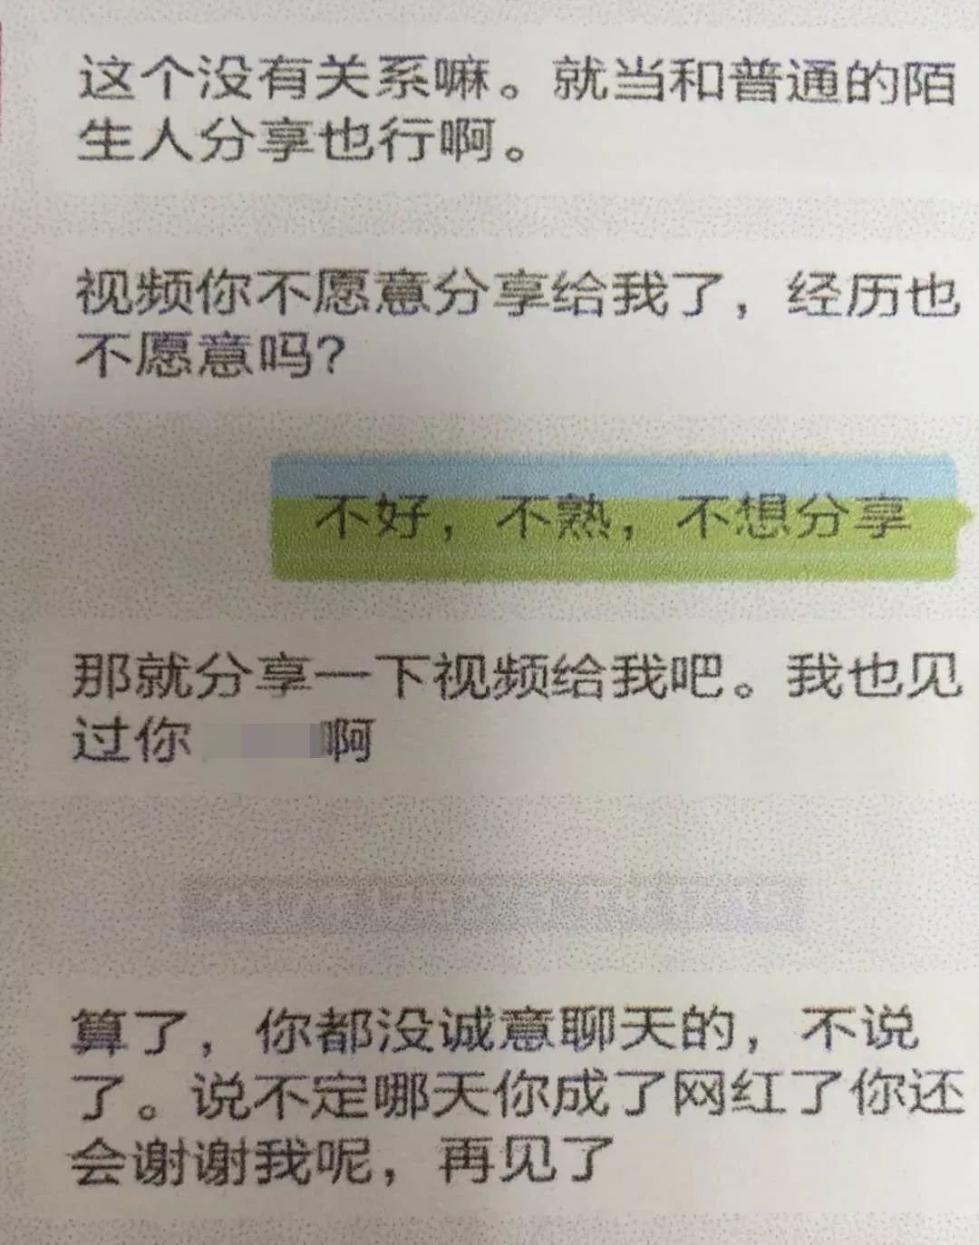 摩杰官网:女子通过陌生人好友申请后,竟收到自己和妈妈洗澡的视频!